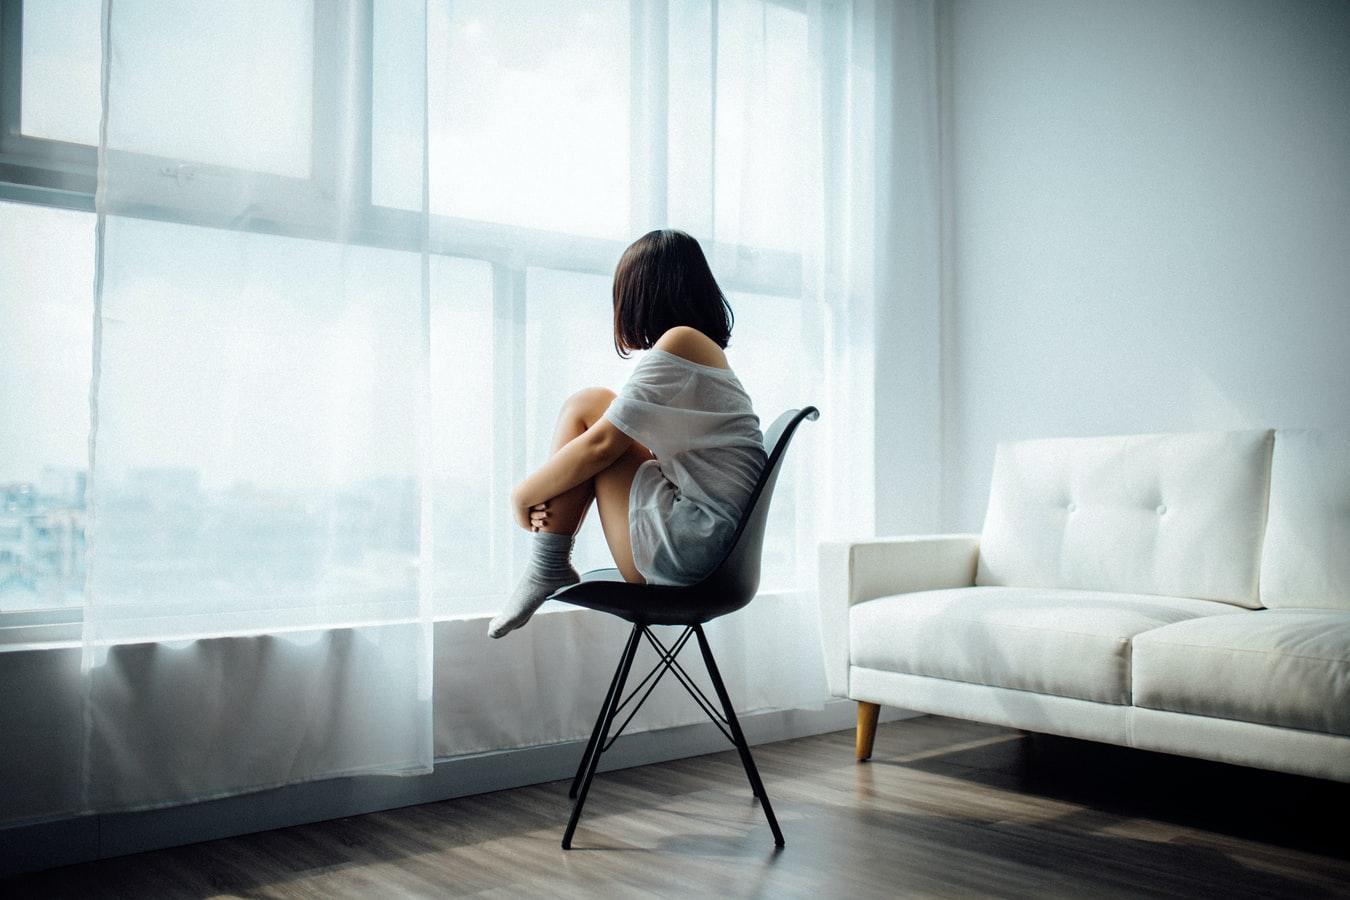 Ψυχικός πόνος στην εφηβεία, που μπορεί να οδηγήσει;